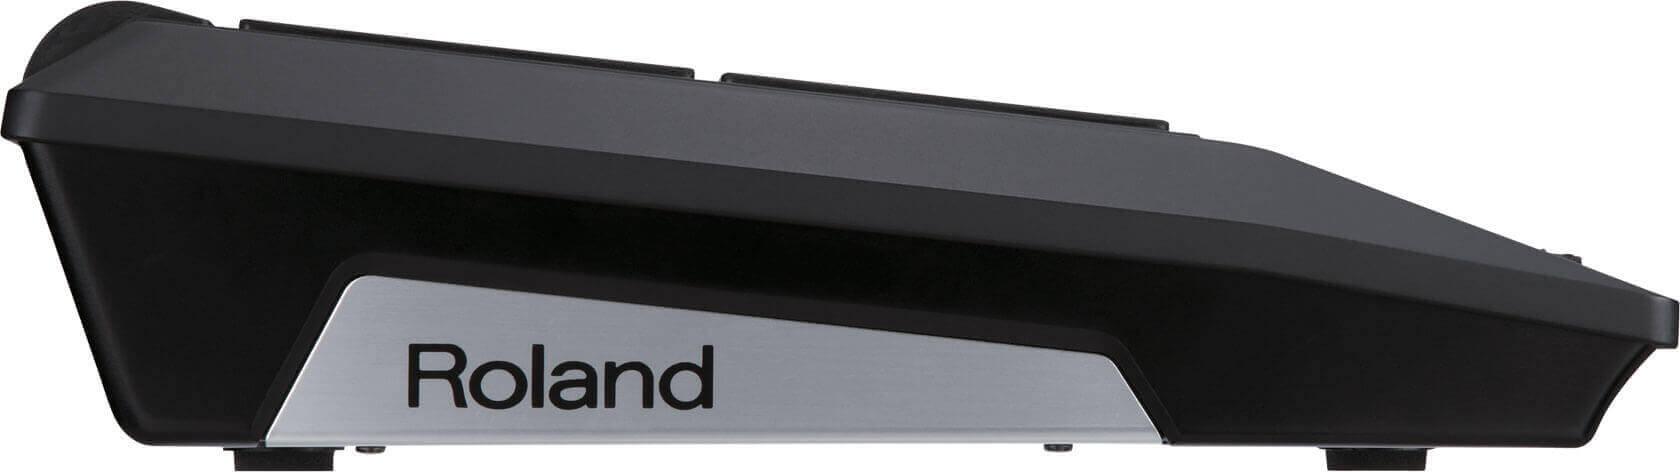 正品 Roland SPD-SX SPDSX 电子打击板 电子鼓 罗兰打击板 便携电鼓